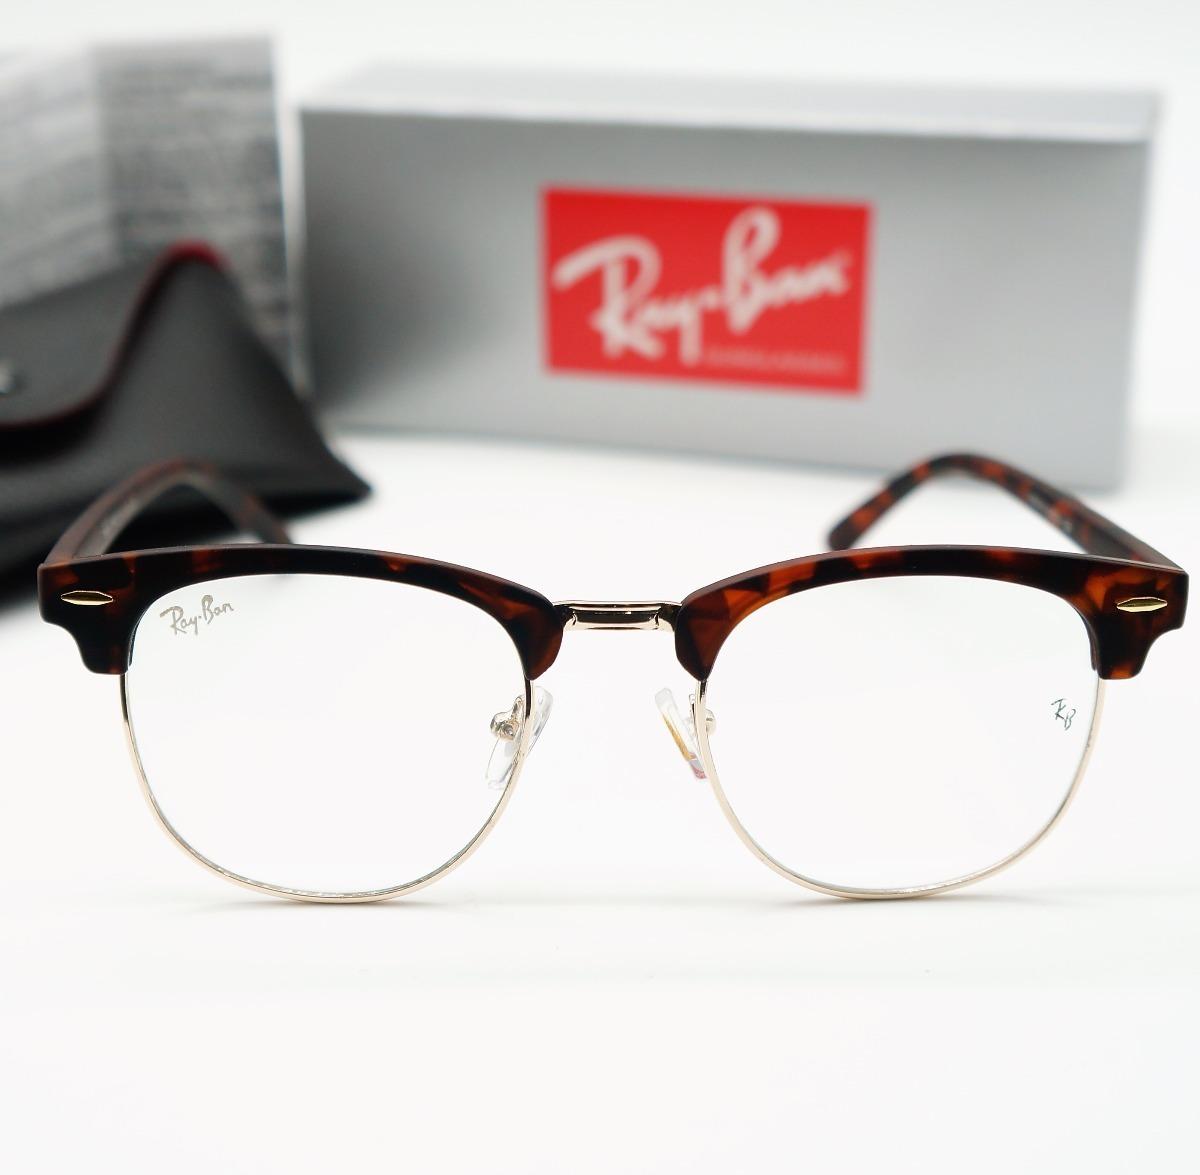 a140de405 armação de óculos clubmaster estilo rayban marrom tartaruga. Carregando  zoom.